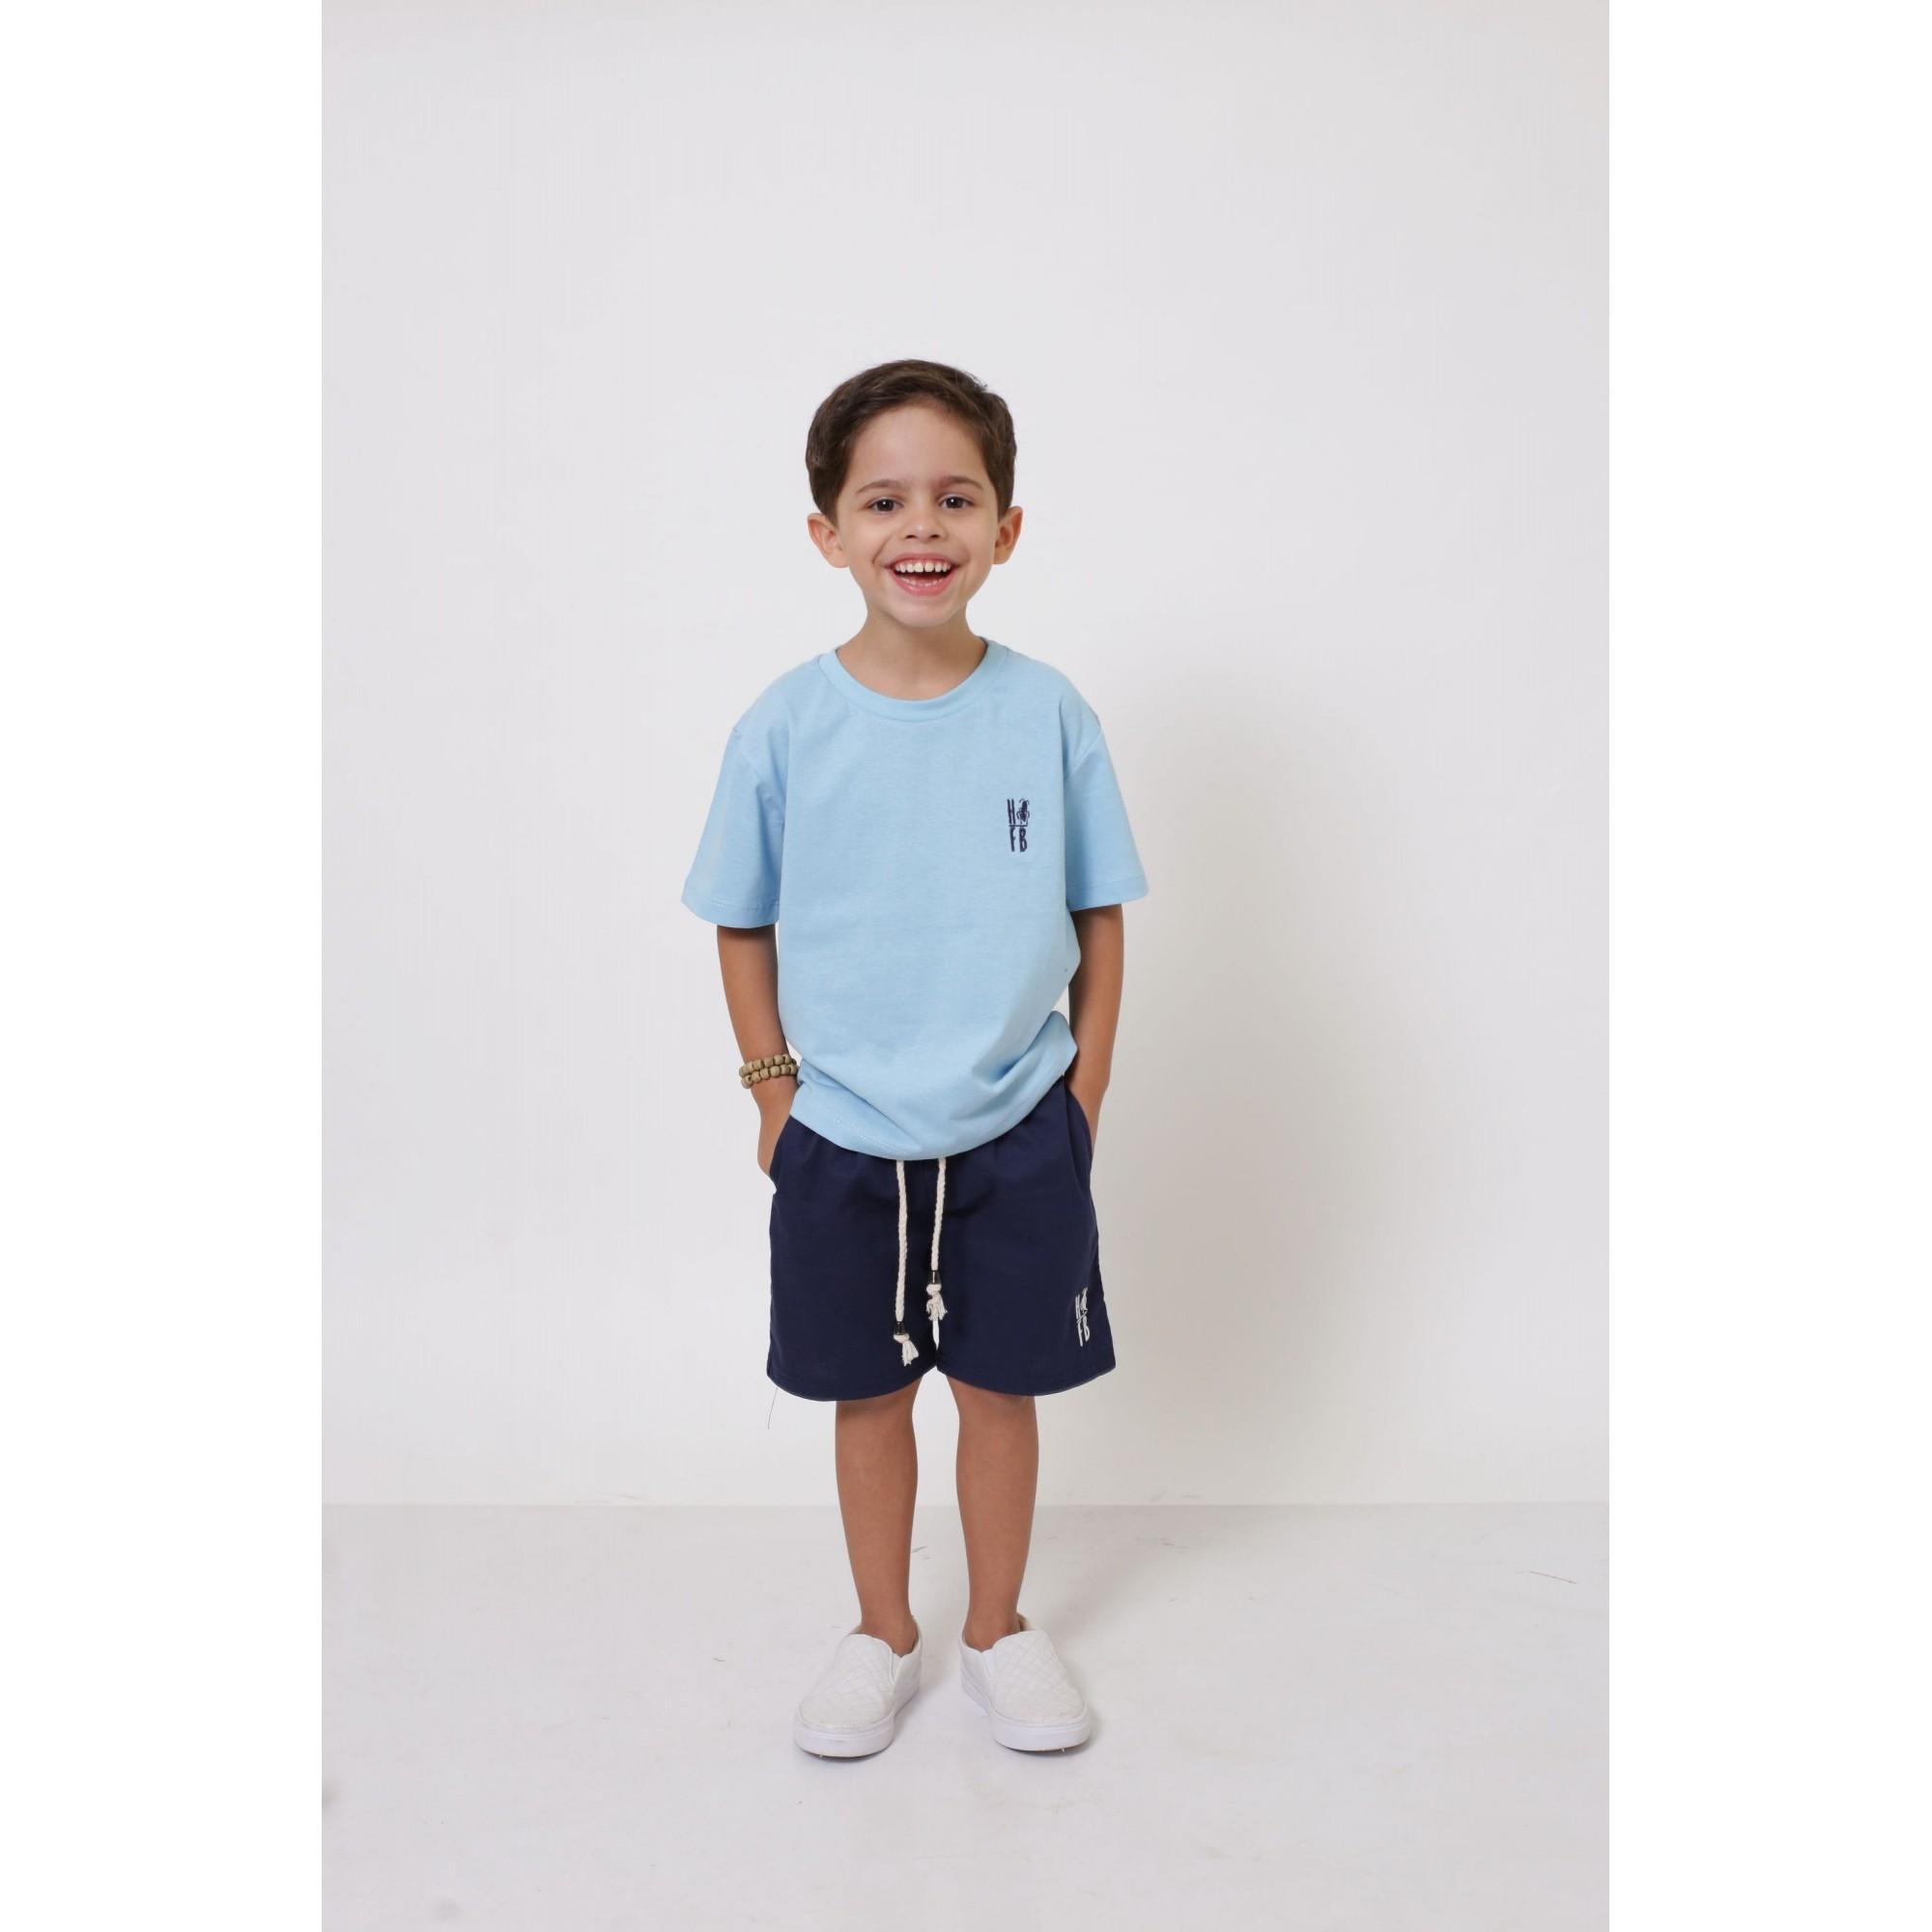 PAI E FILHO > 02 T-Shirts - Azul Bebê [Coleção Tal Pai Tal Filho]  - Heitor Fashion Brazil